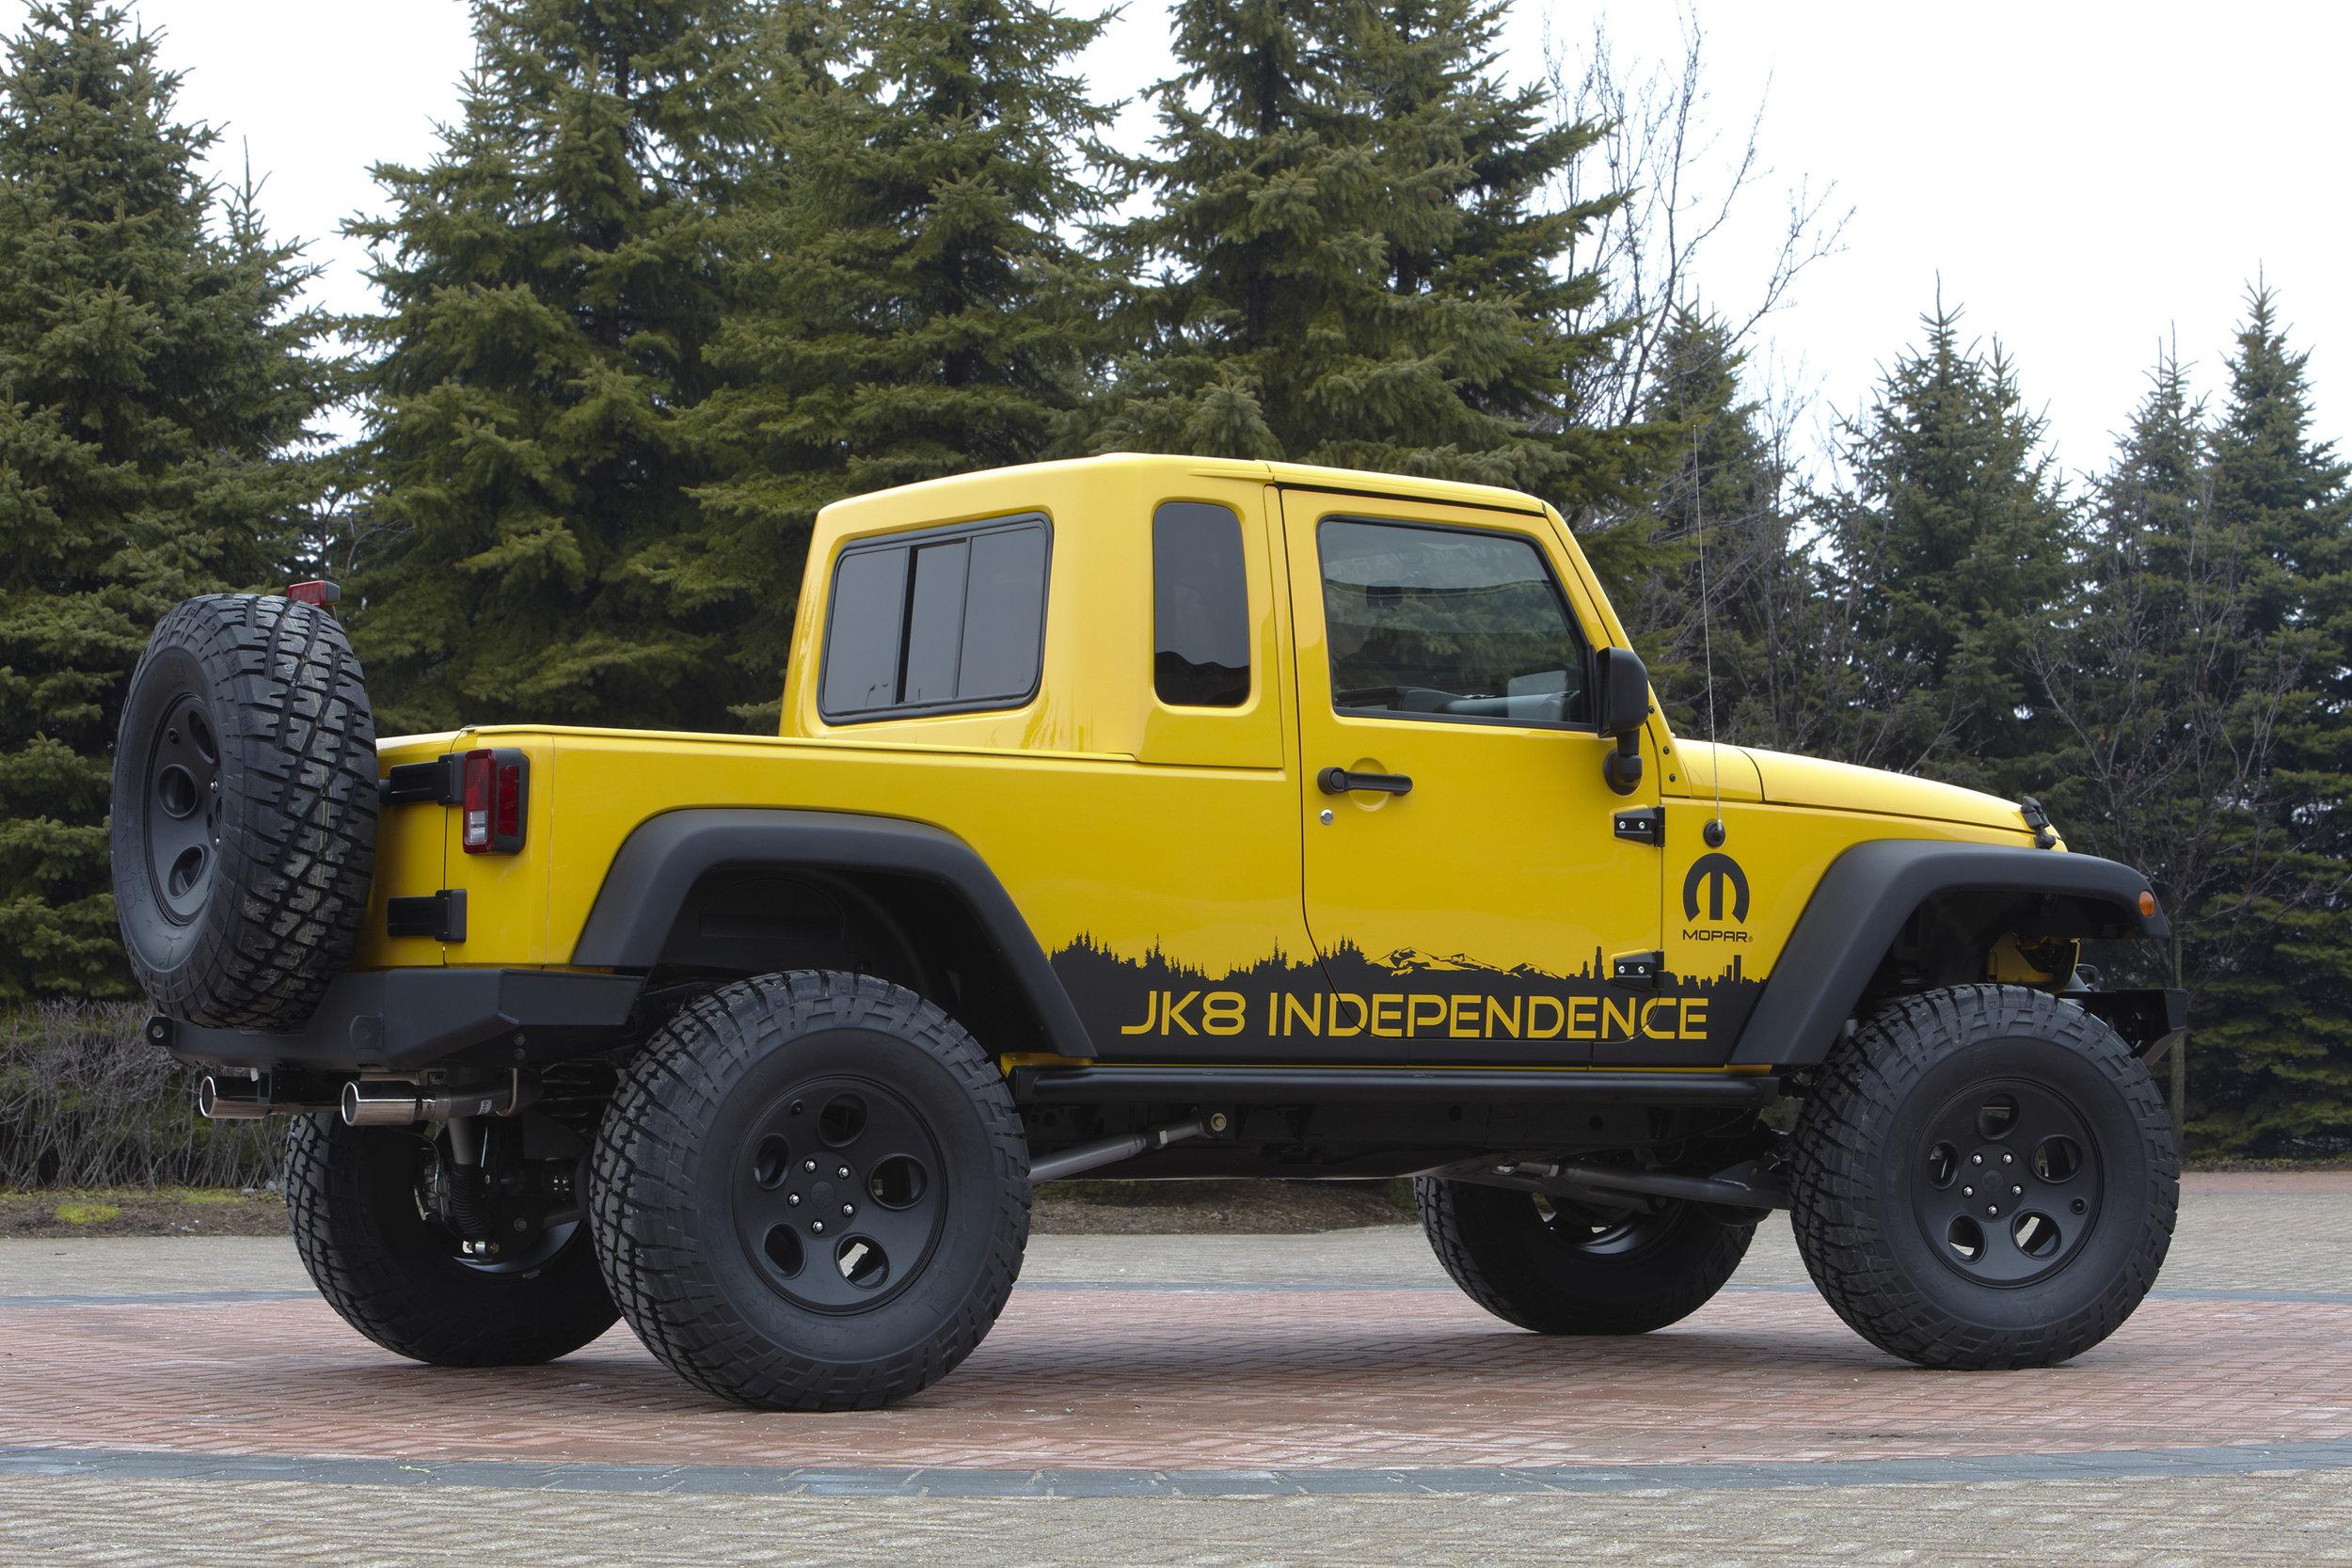 jeep-wrangler-jk-8-independence-rear-.jpg